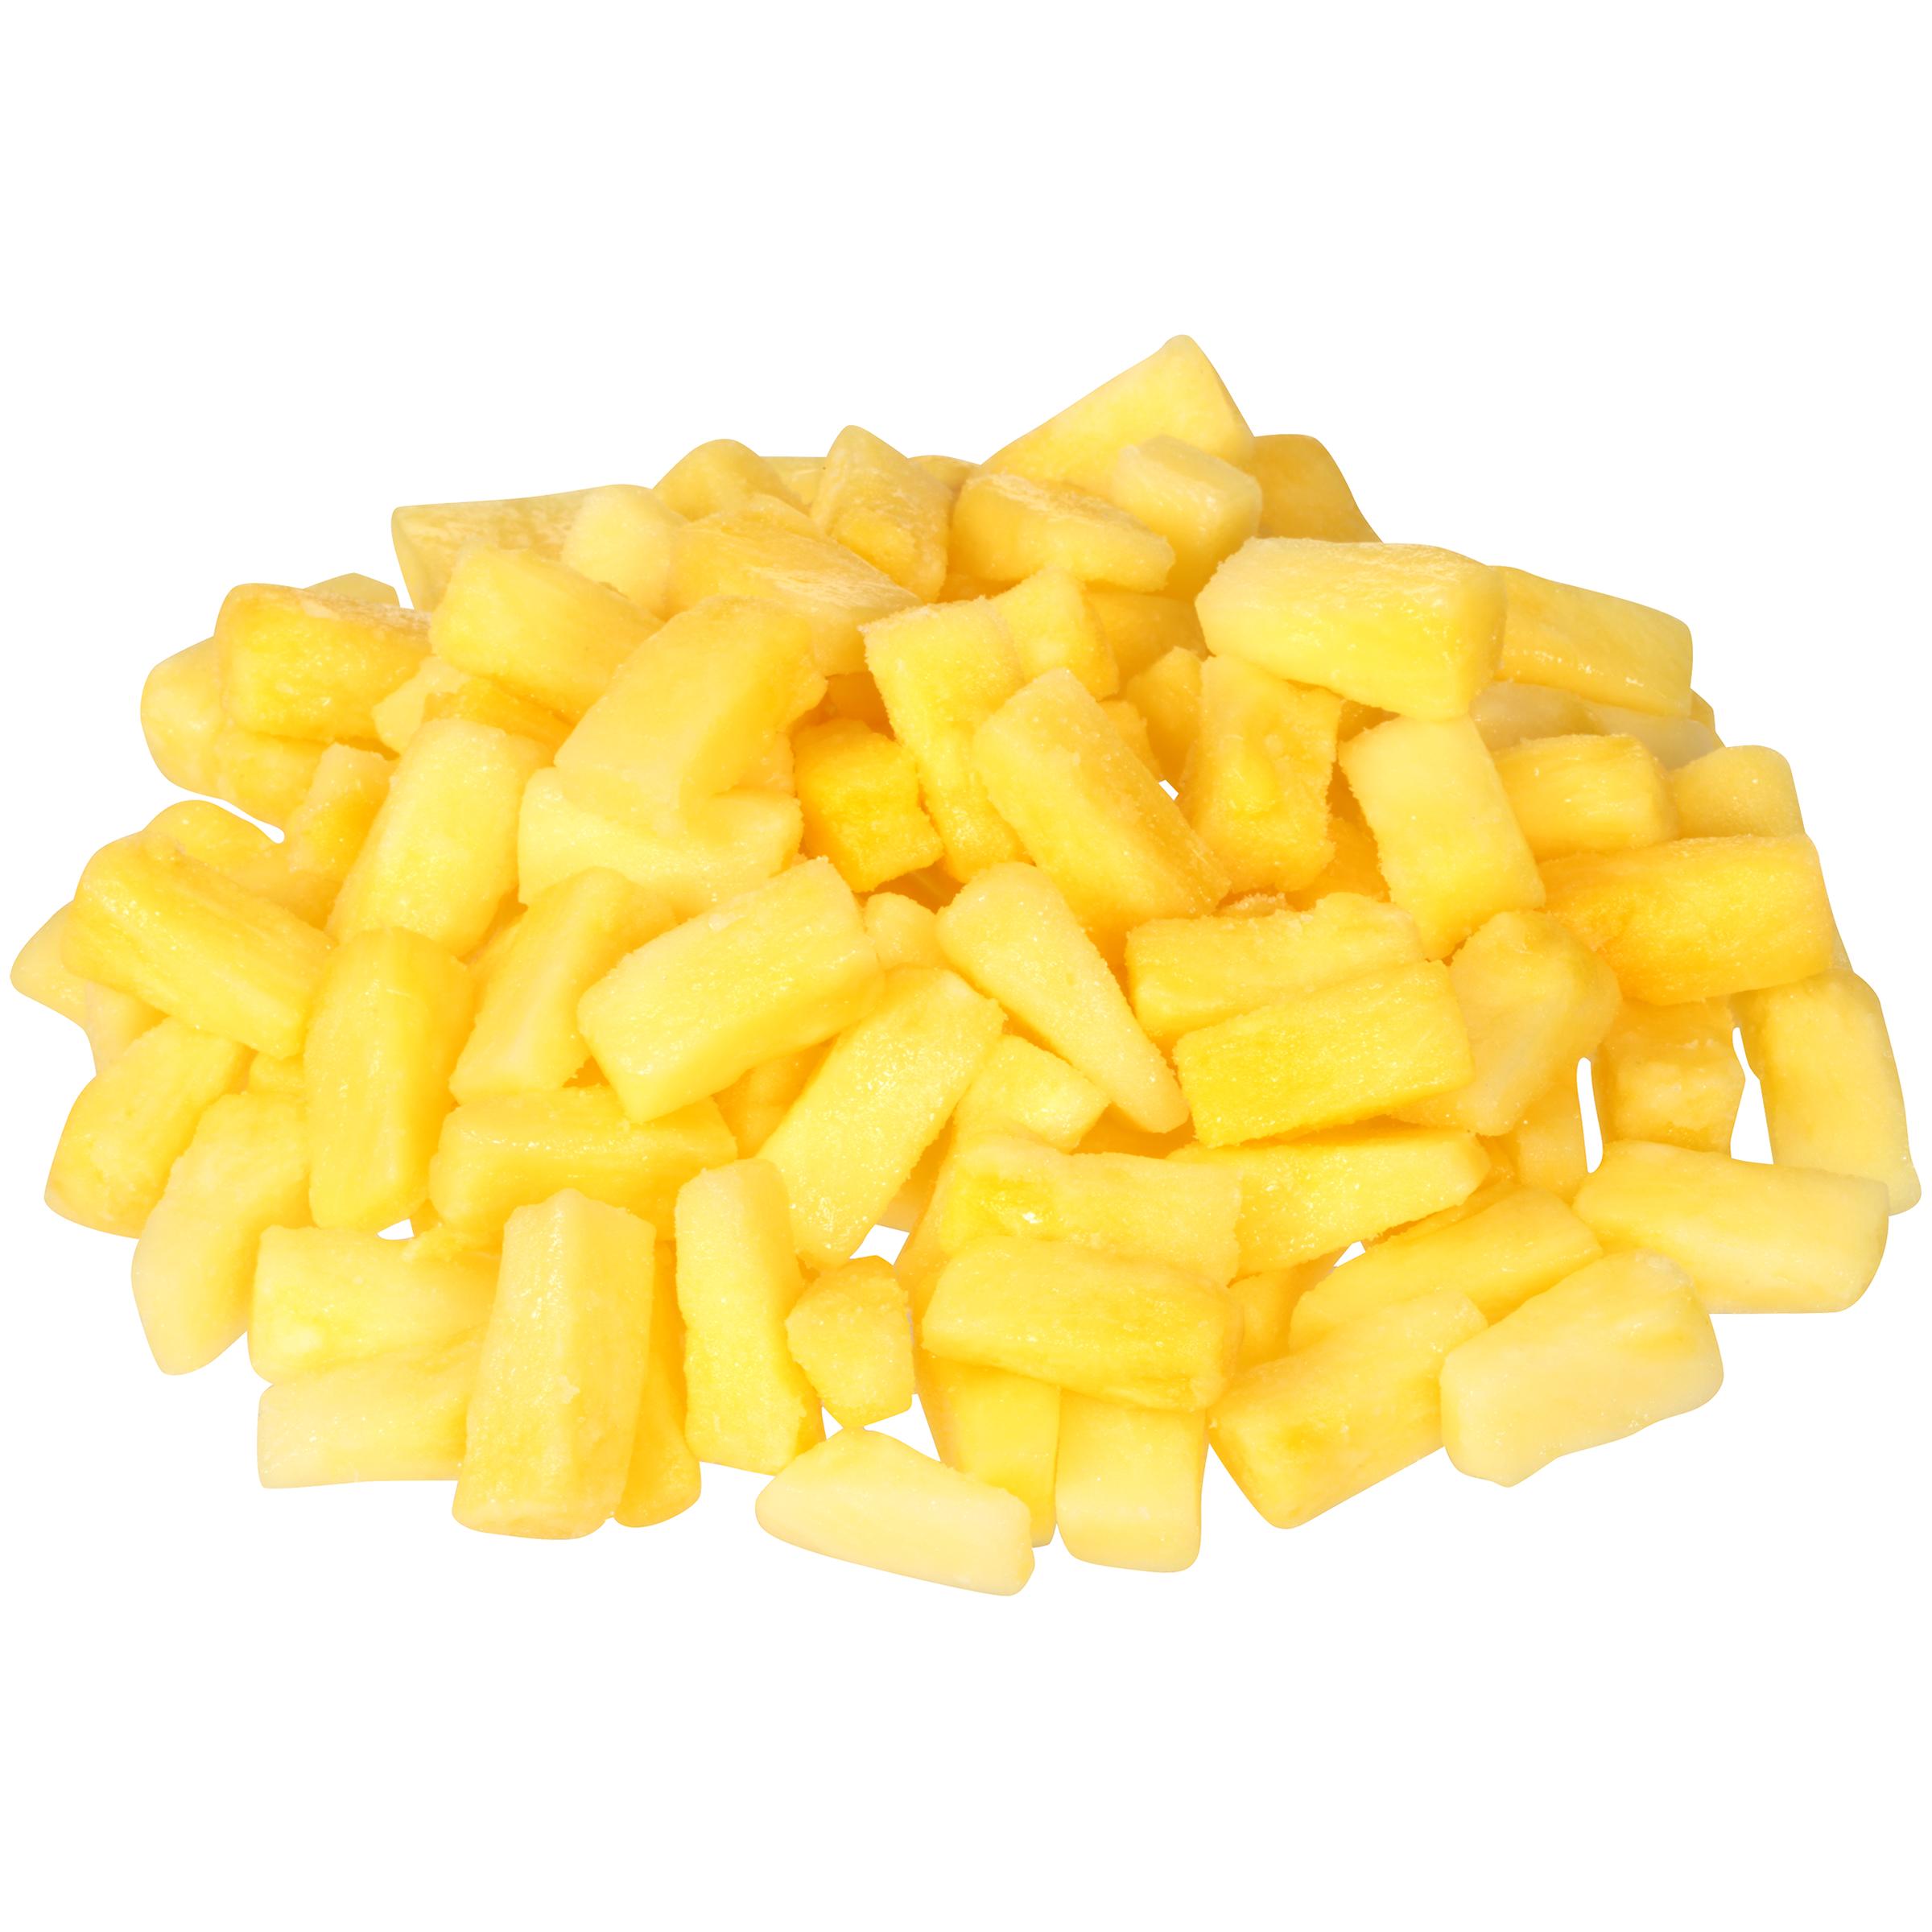 30# Pineapple Tidbits IQF